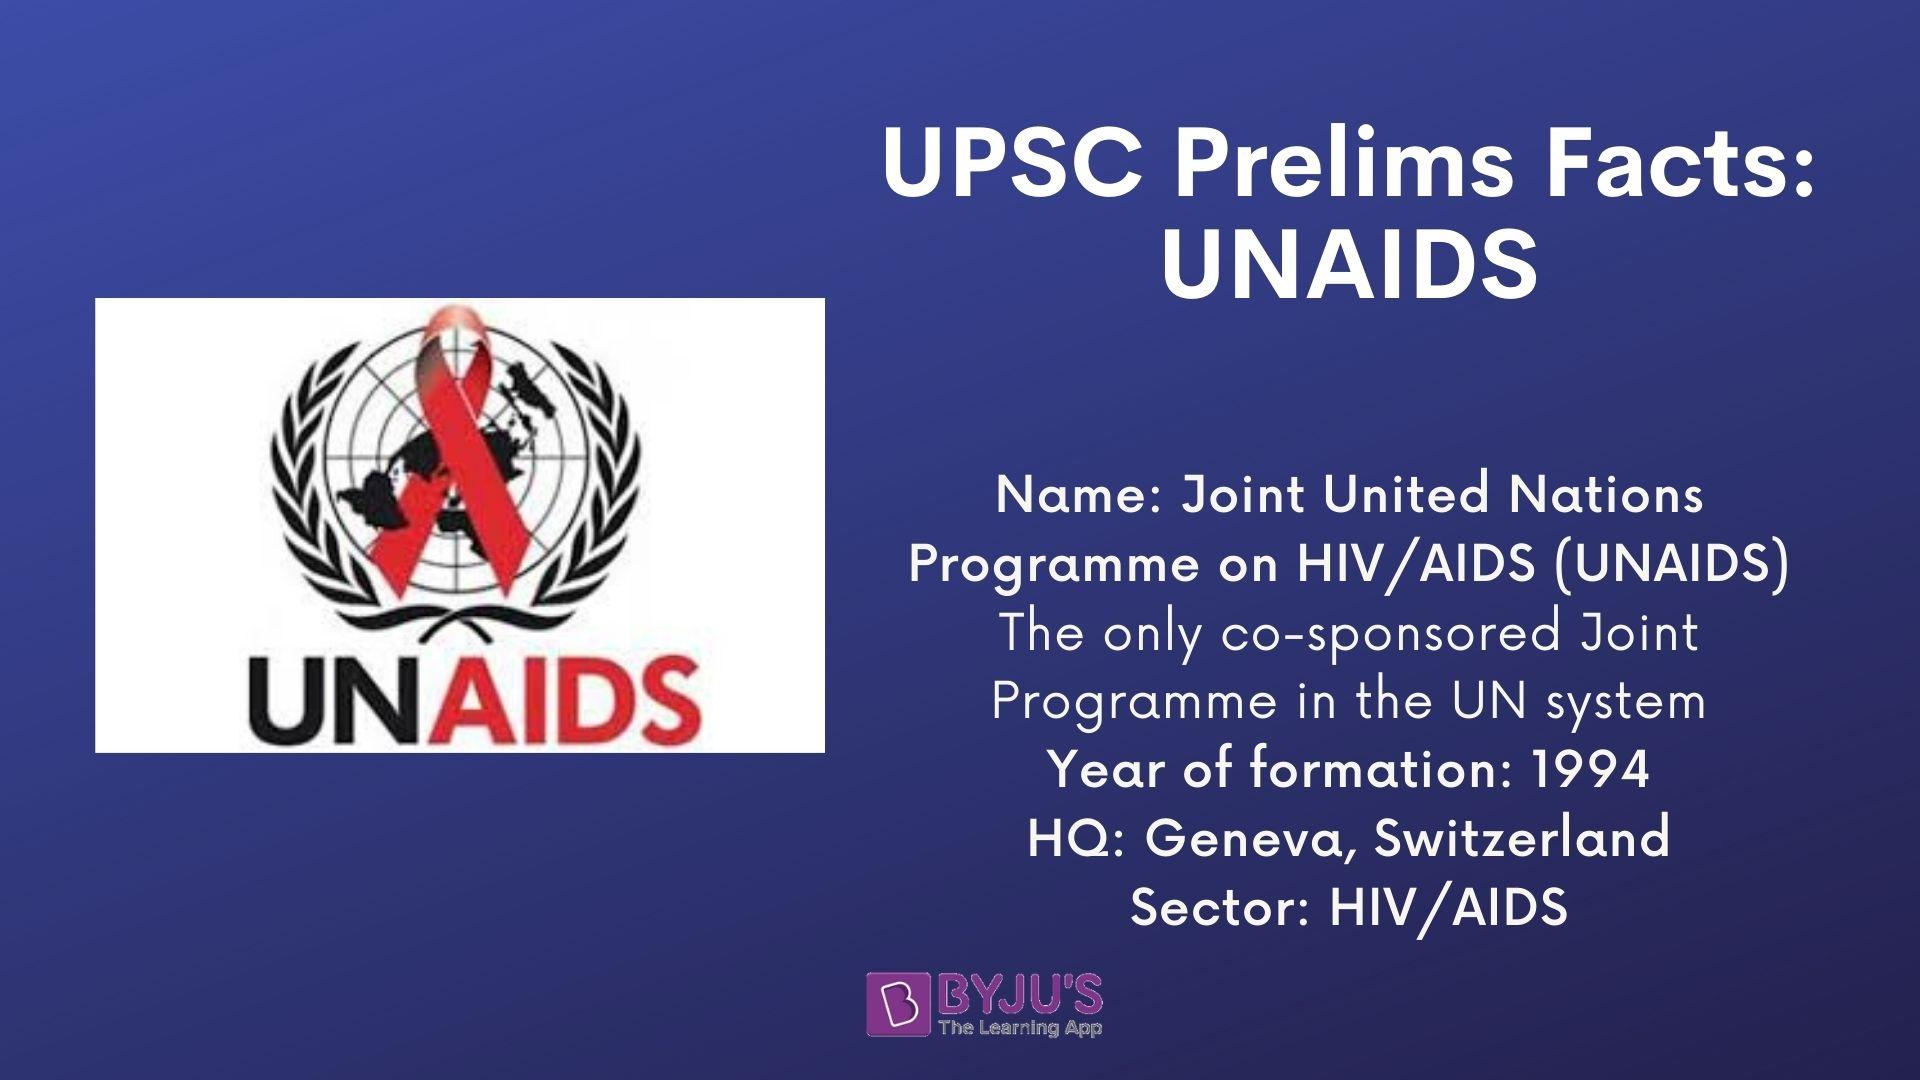 UPSC Prelims Facts - UNAIDS